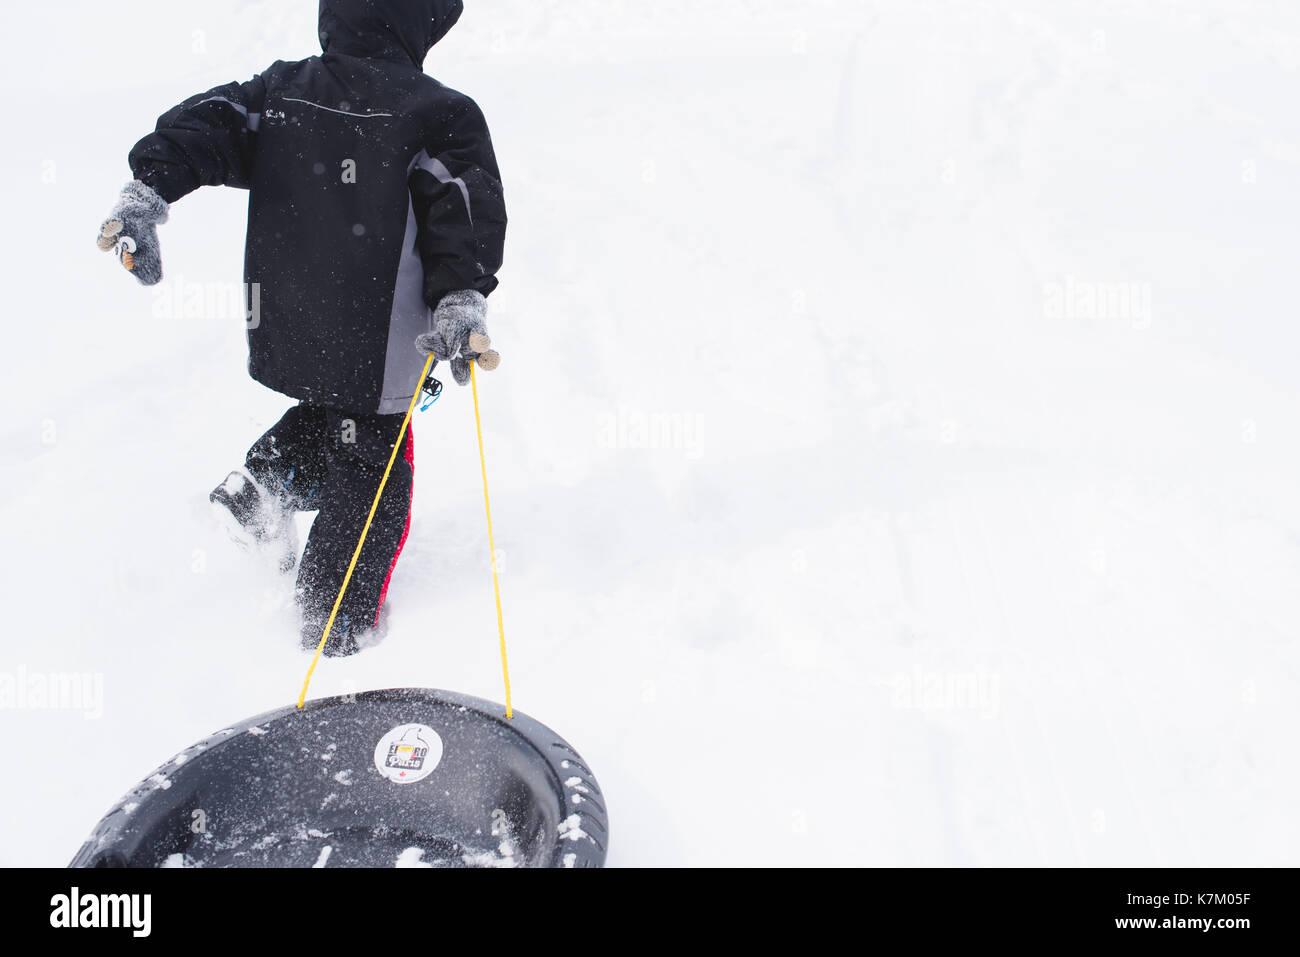 Junge einen Schlitten ziehen, einen schneebedeckten Hügel im Winter. Stockbild